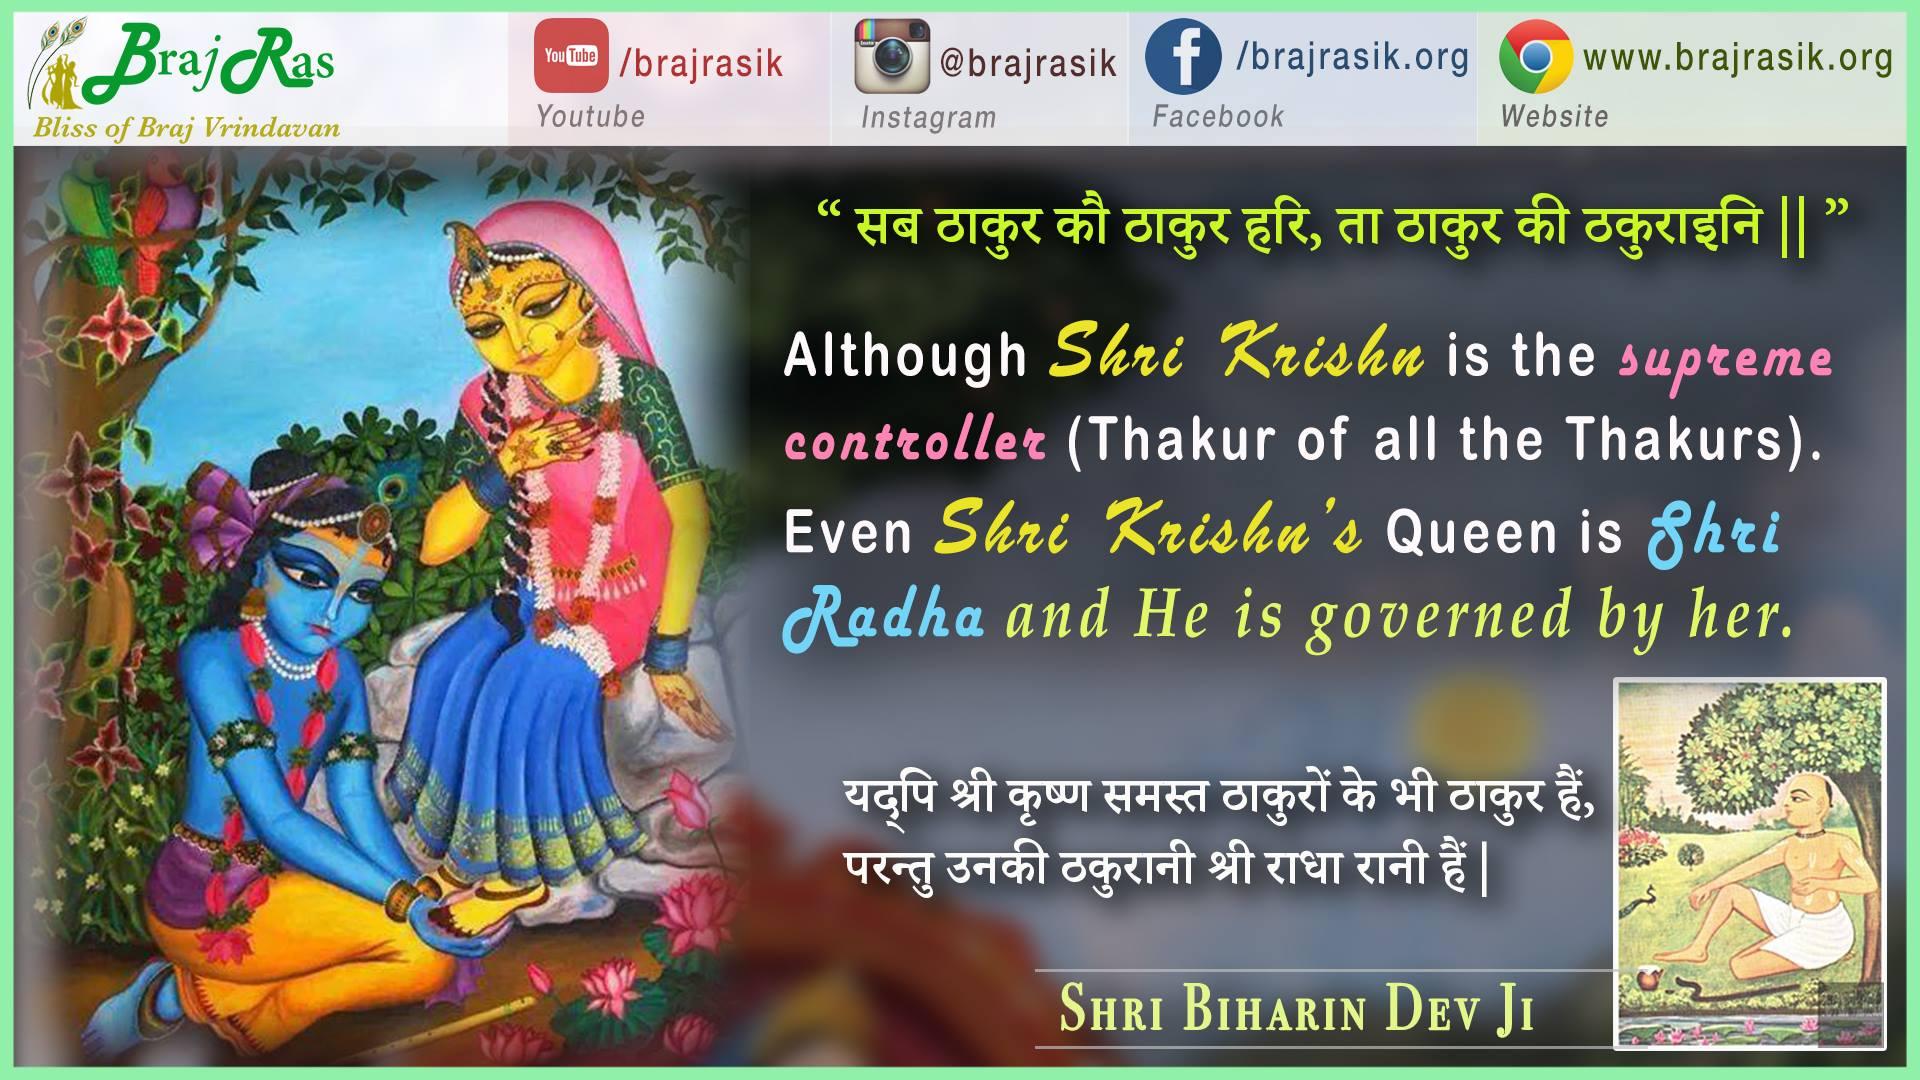 Sab Thakur Kou Thakur Hari - Shri Biharin Dev Ji